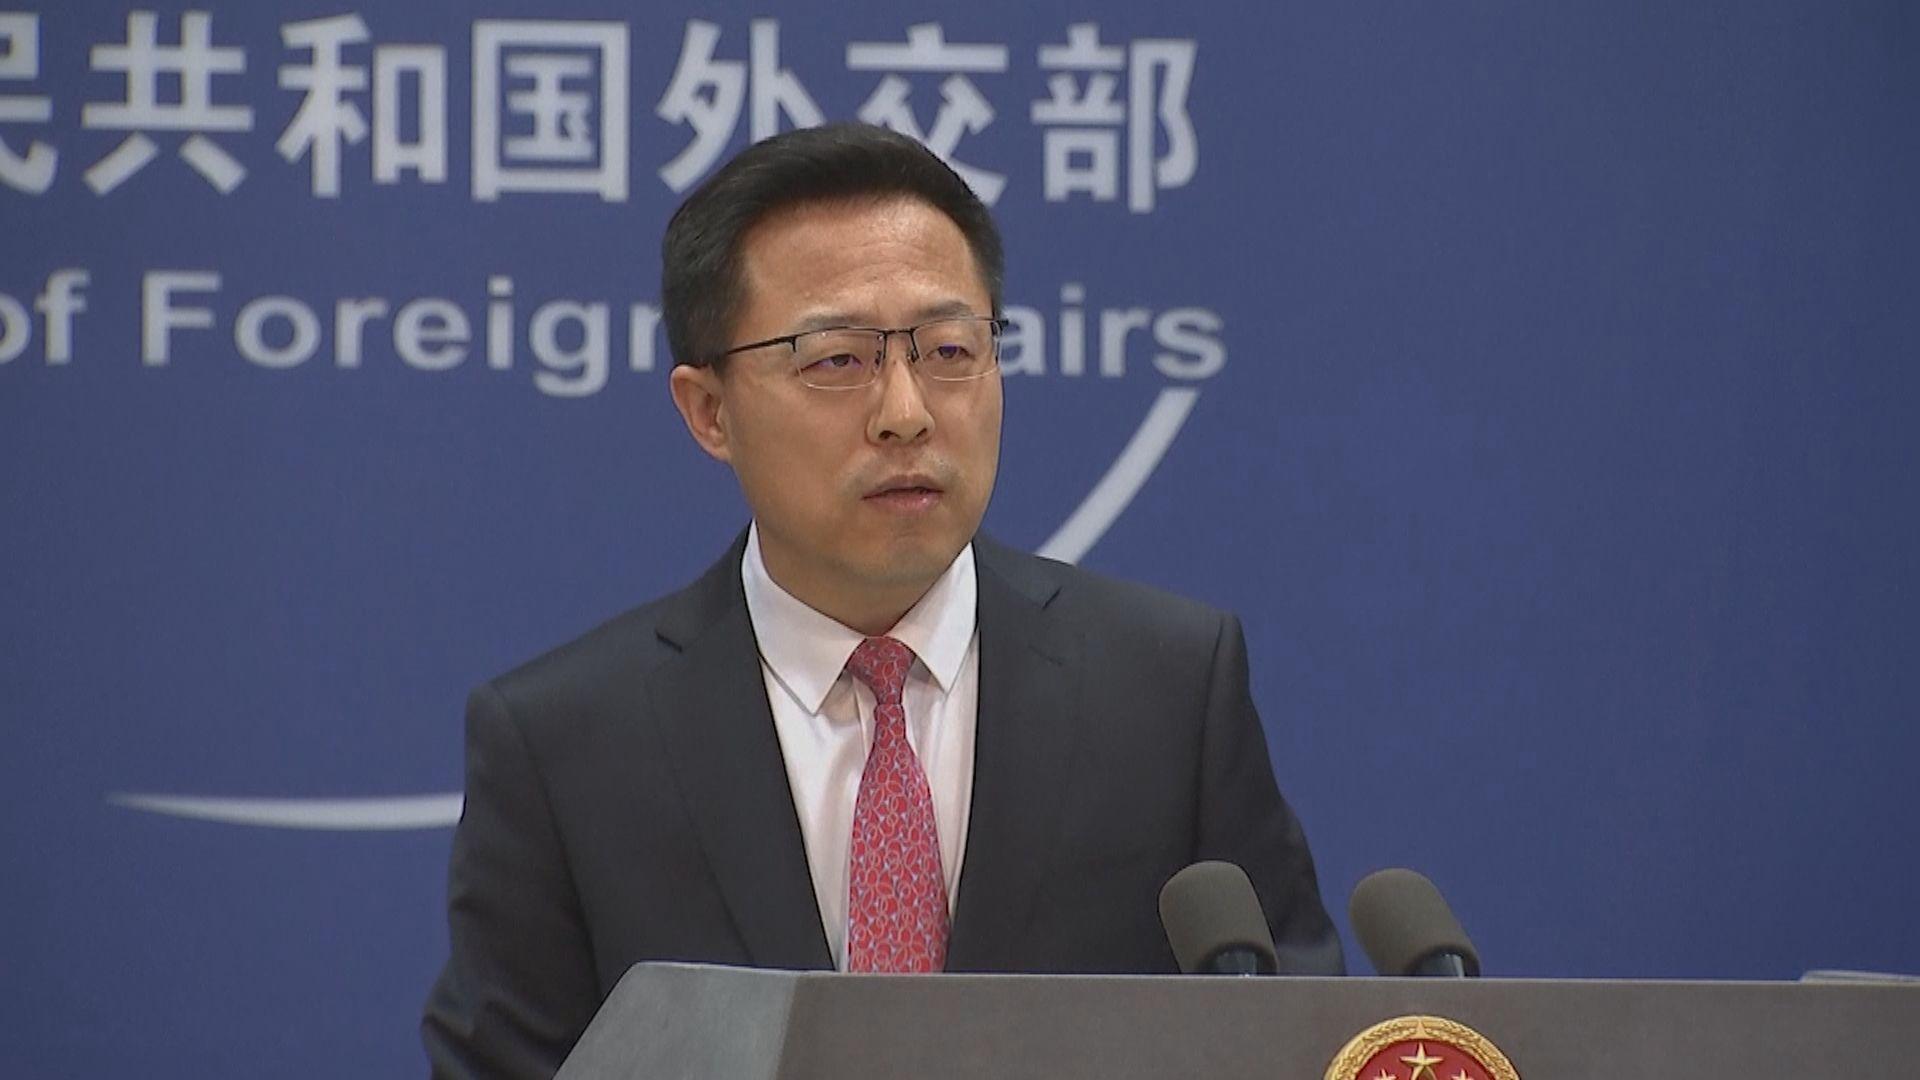 美代表團訪台將與蔡英文見面 有高官指為表達拜登支持台灣訊號